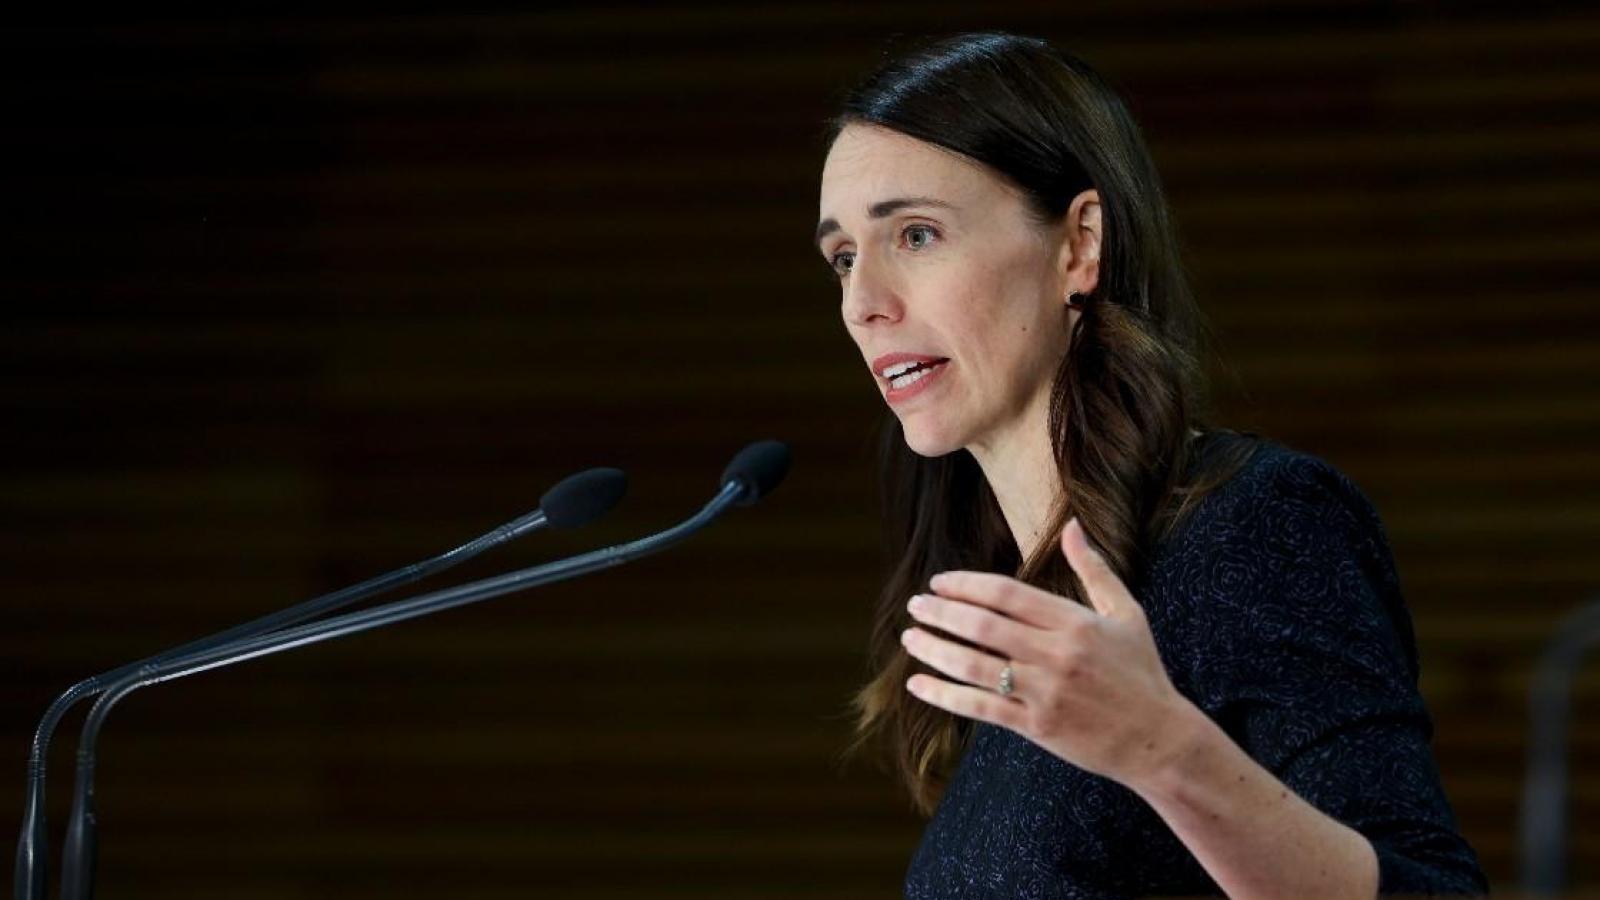 New Zealand: Sẽ điều chuyển công việc những người không tiêm vaccine ngừa Covid-19